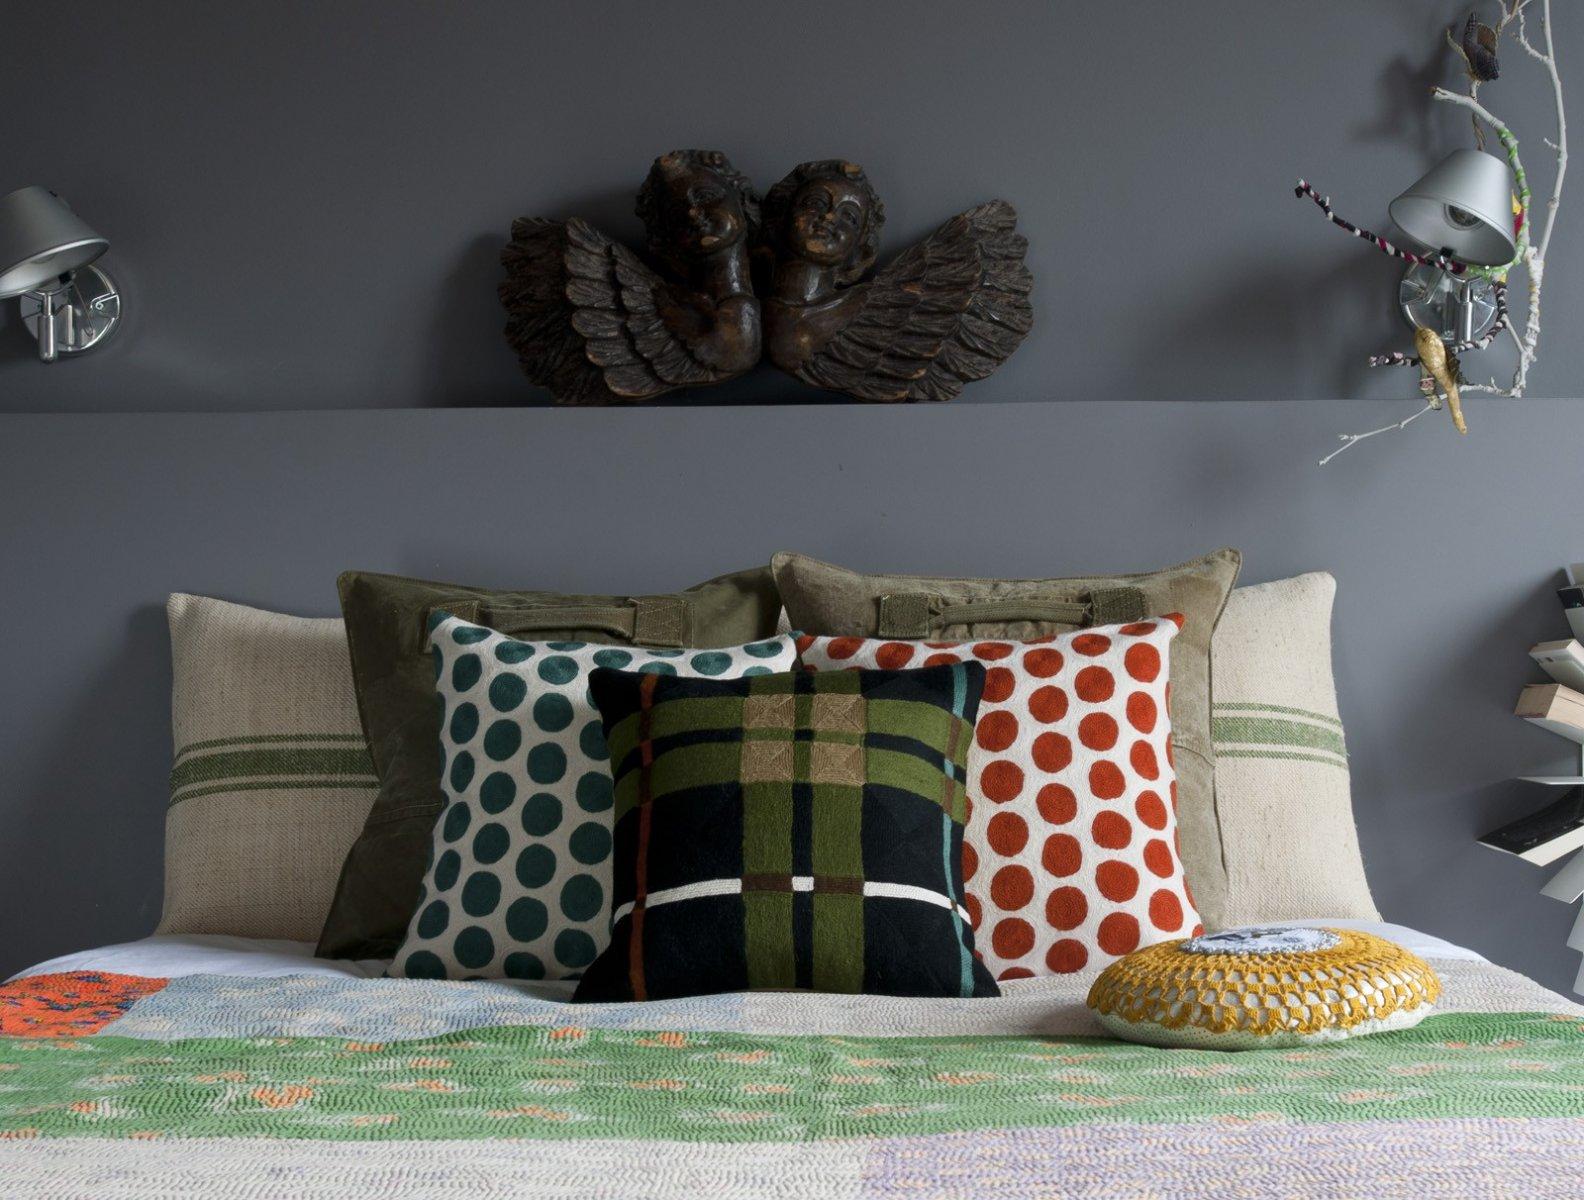 Cojines de estilo vintage decoraci n del hogar for Estilos decorativos